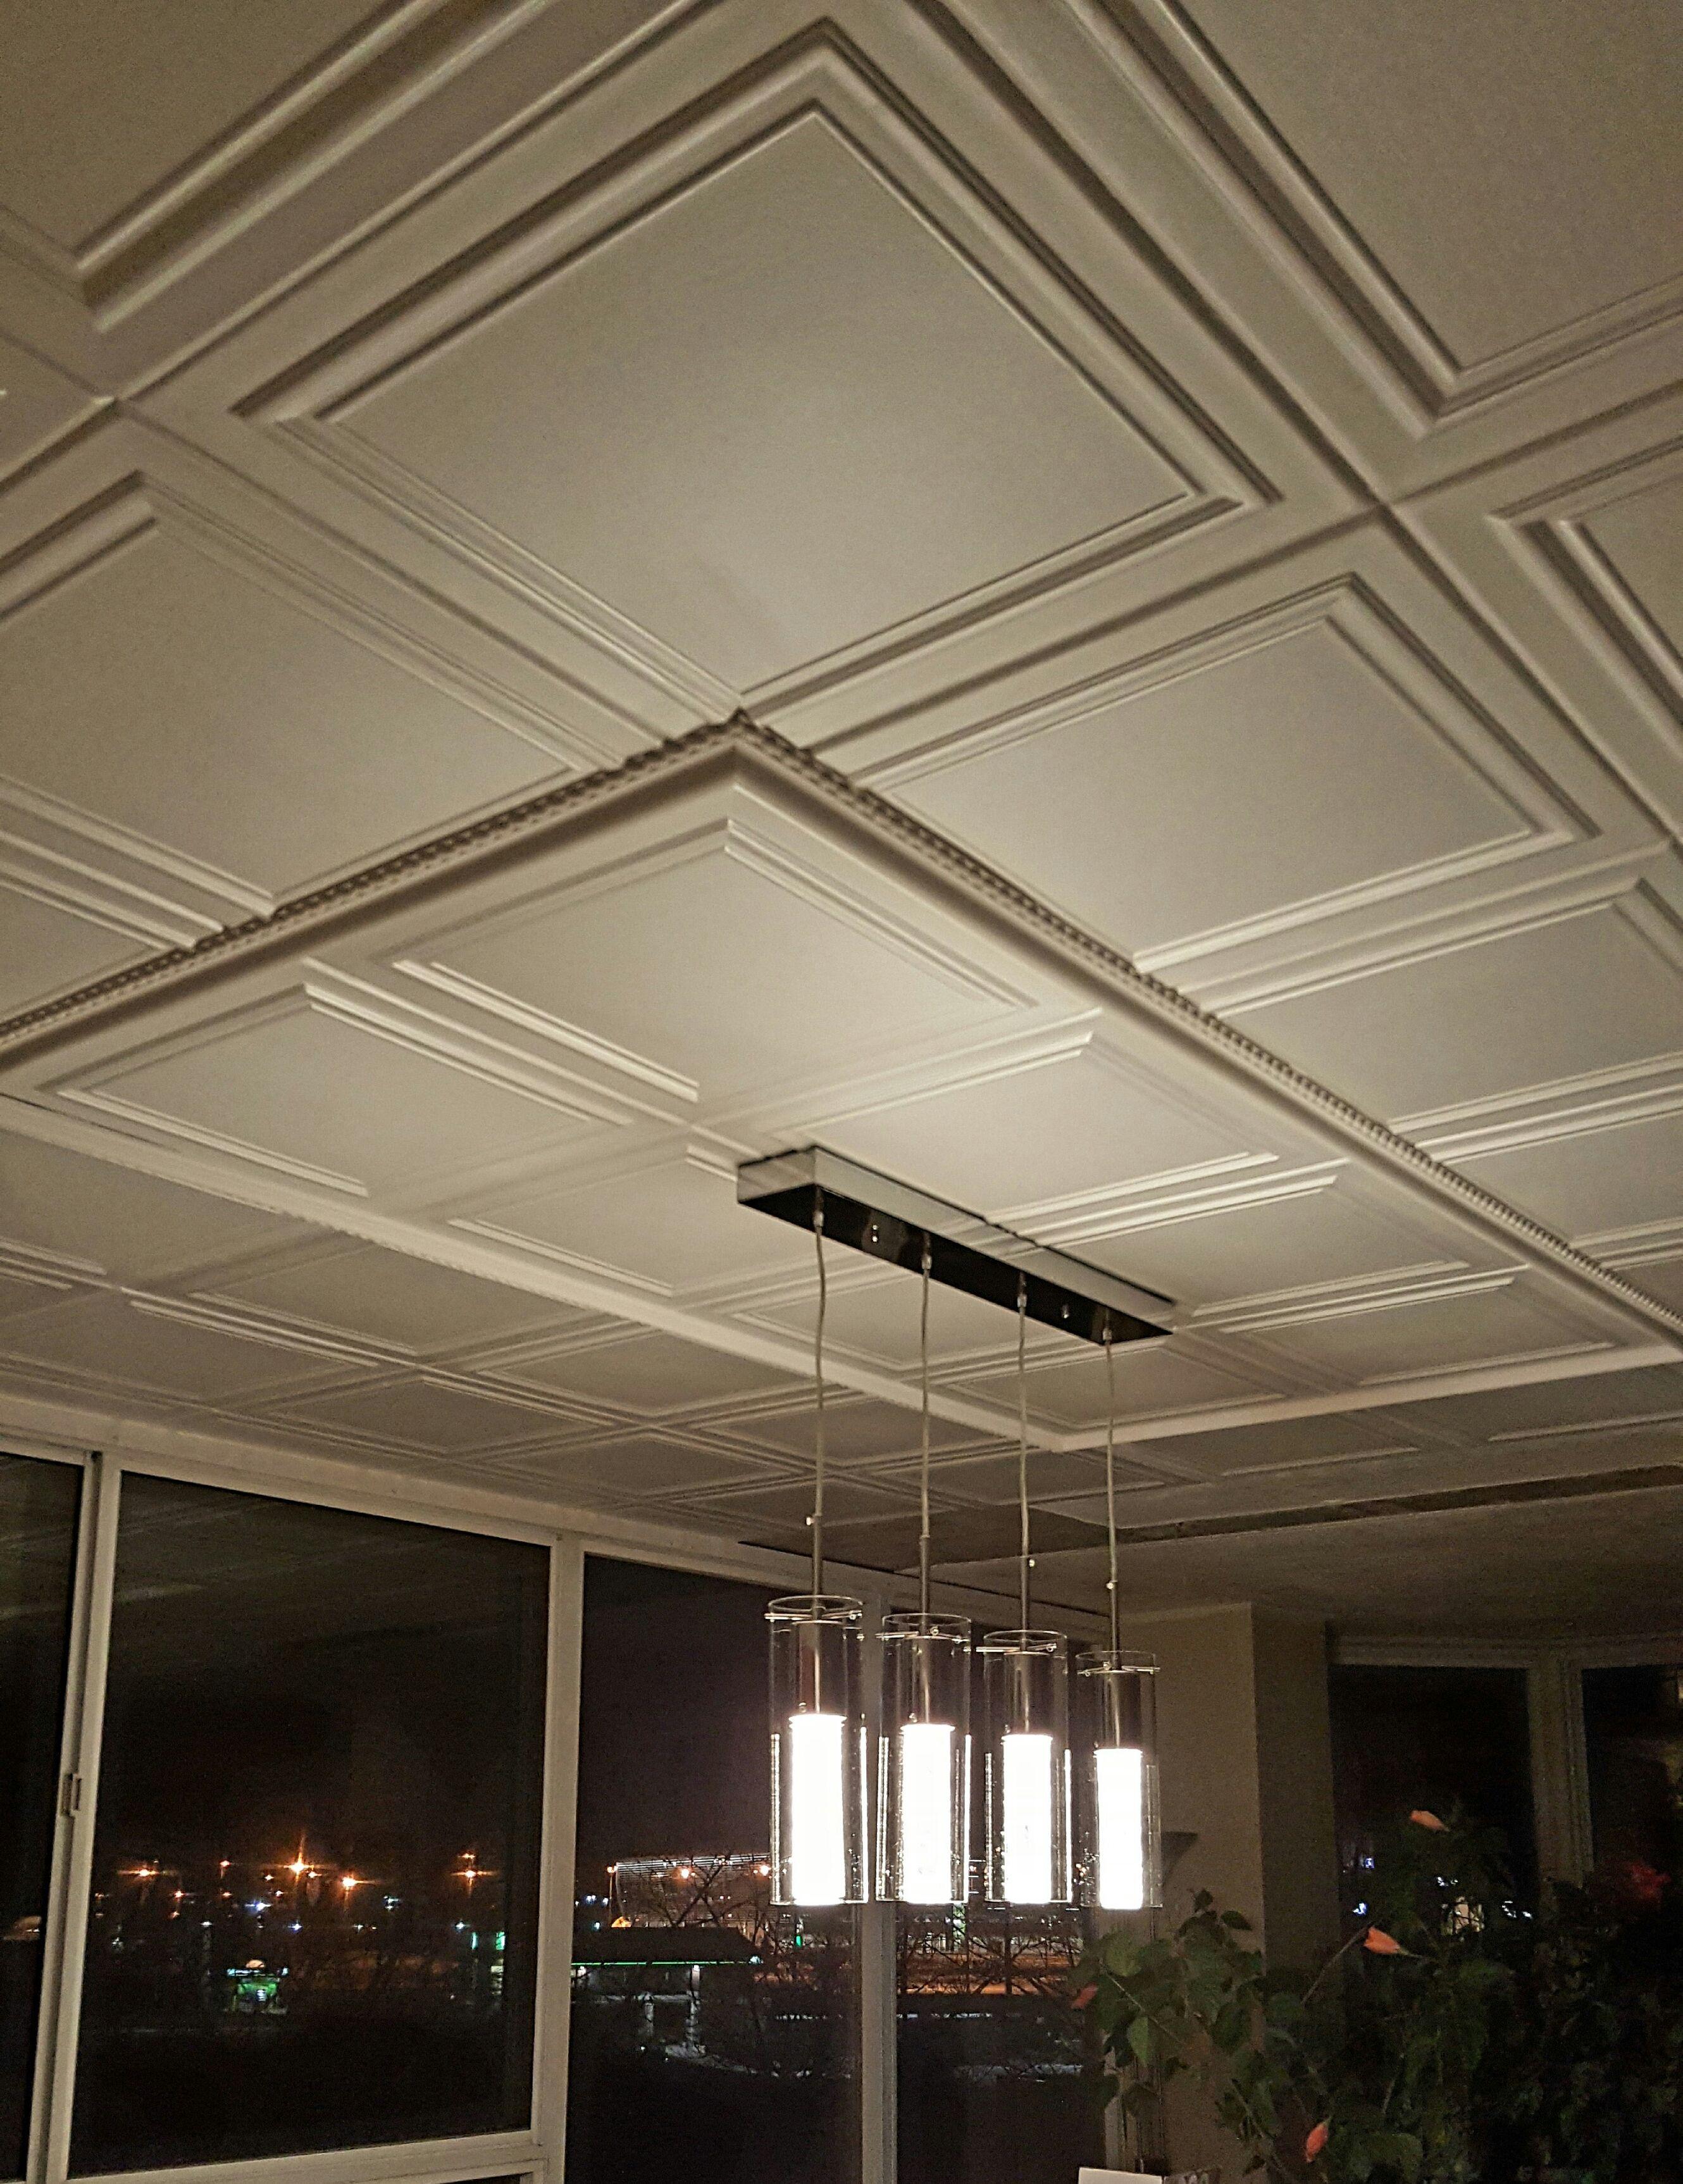 Rm24 Polystyrene Ceiling Tile Talissa Decor Ceiling Tiles Covering Popcorn Ceiling Styrofoam Ceiling Tiles Ceiling Tiles